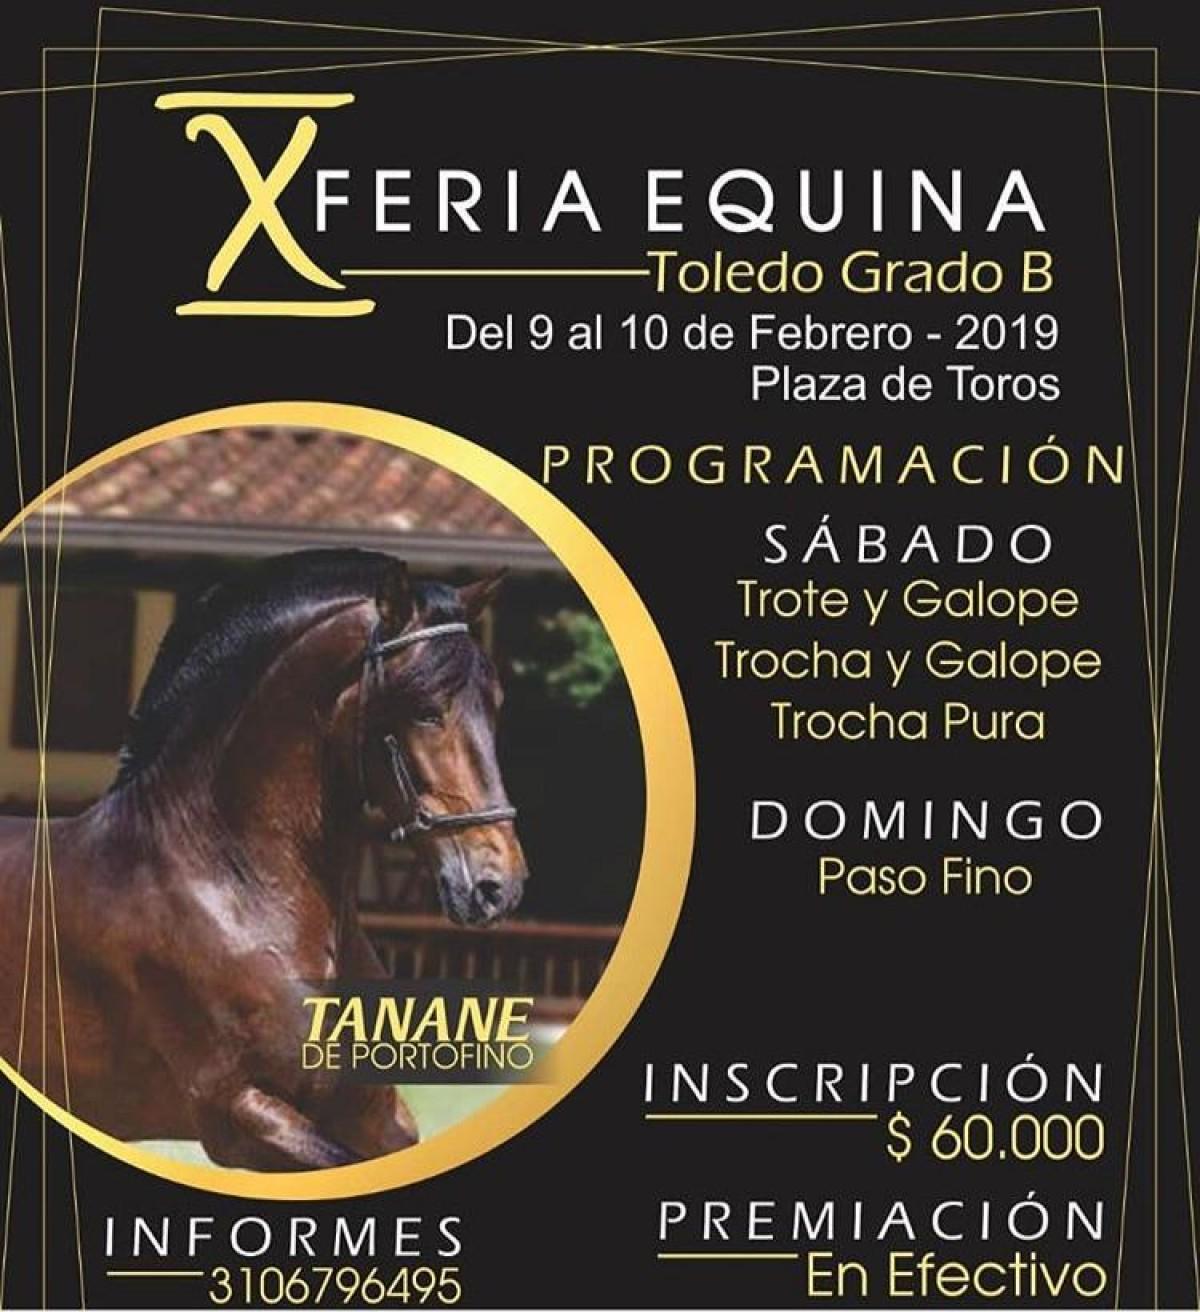 X Feria Equina Grado B Toledo, 9 y 10 de Febrero